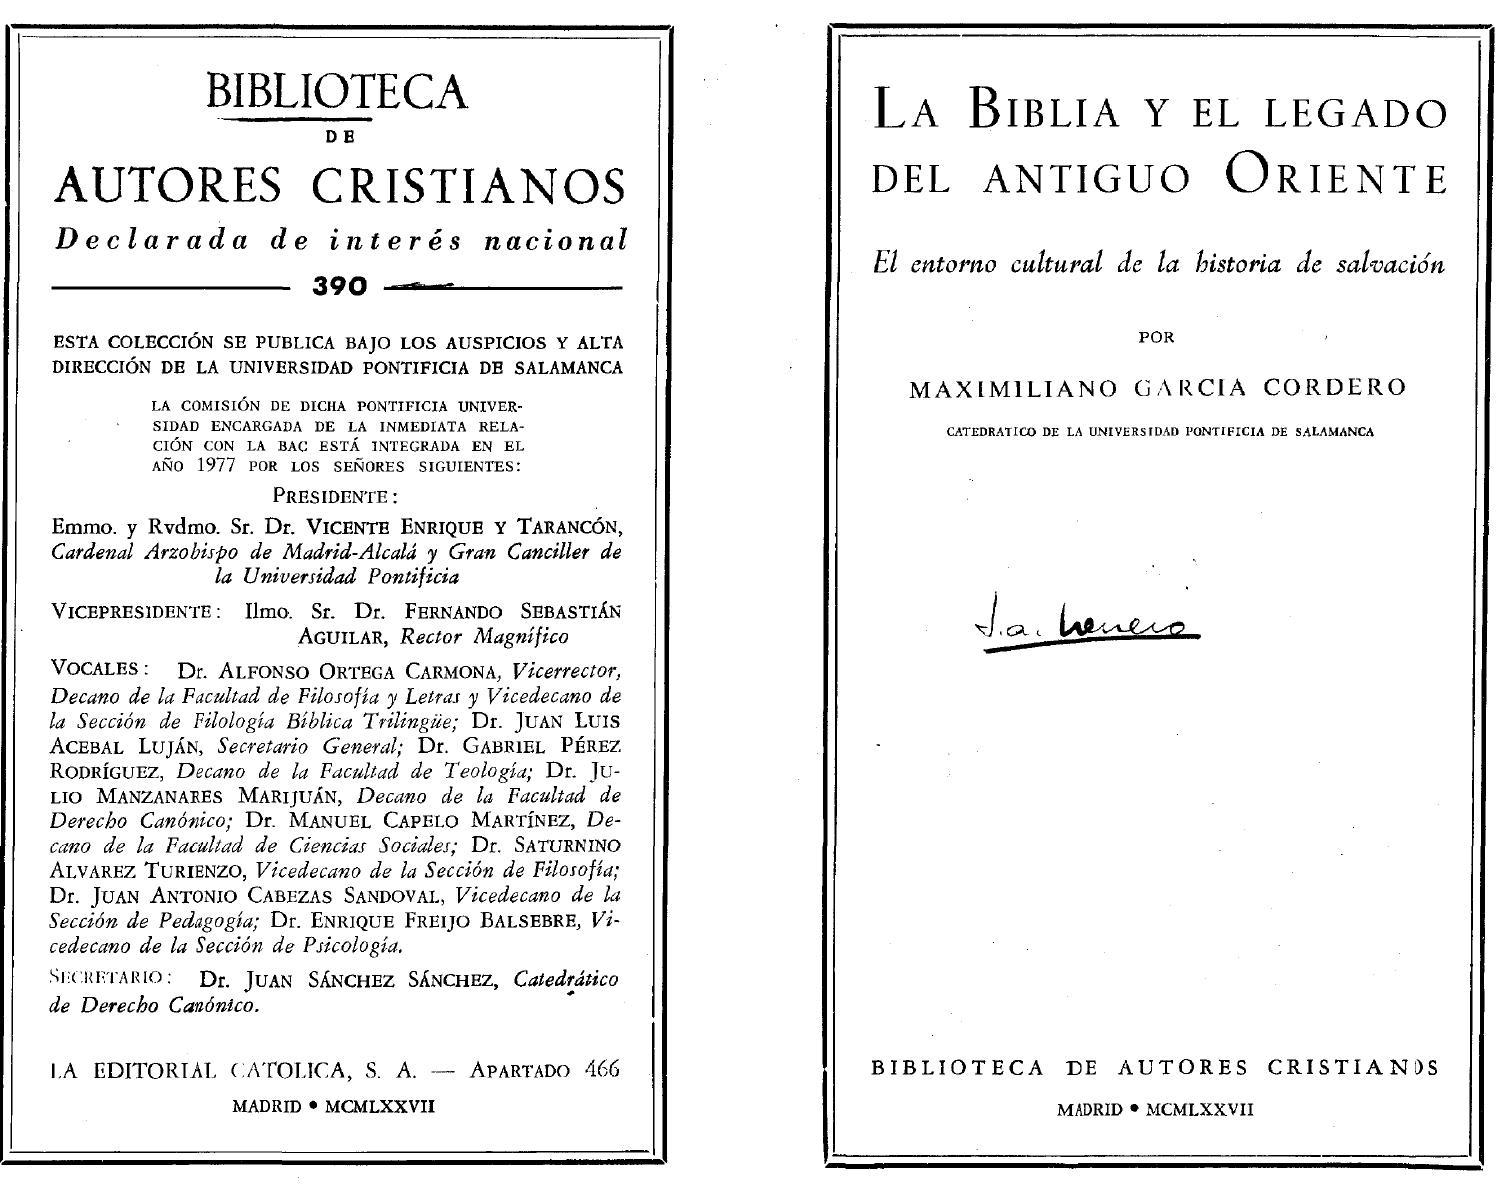 La biblia y el legado del antig maximiliano garcia cordero by  graciacompartida - issuu